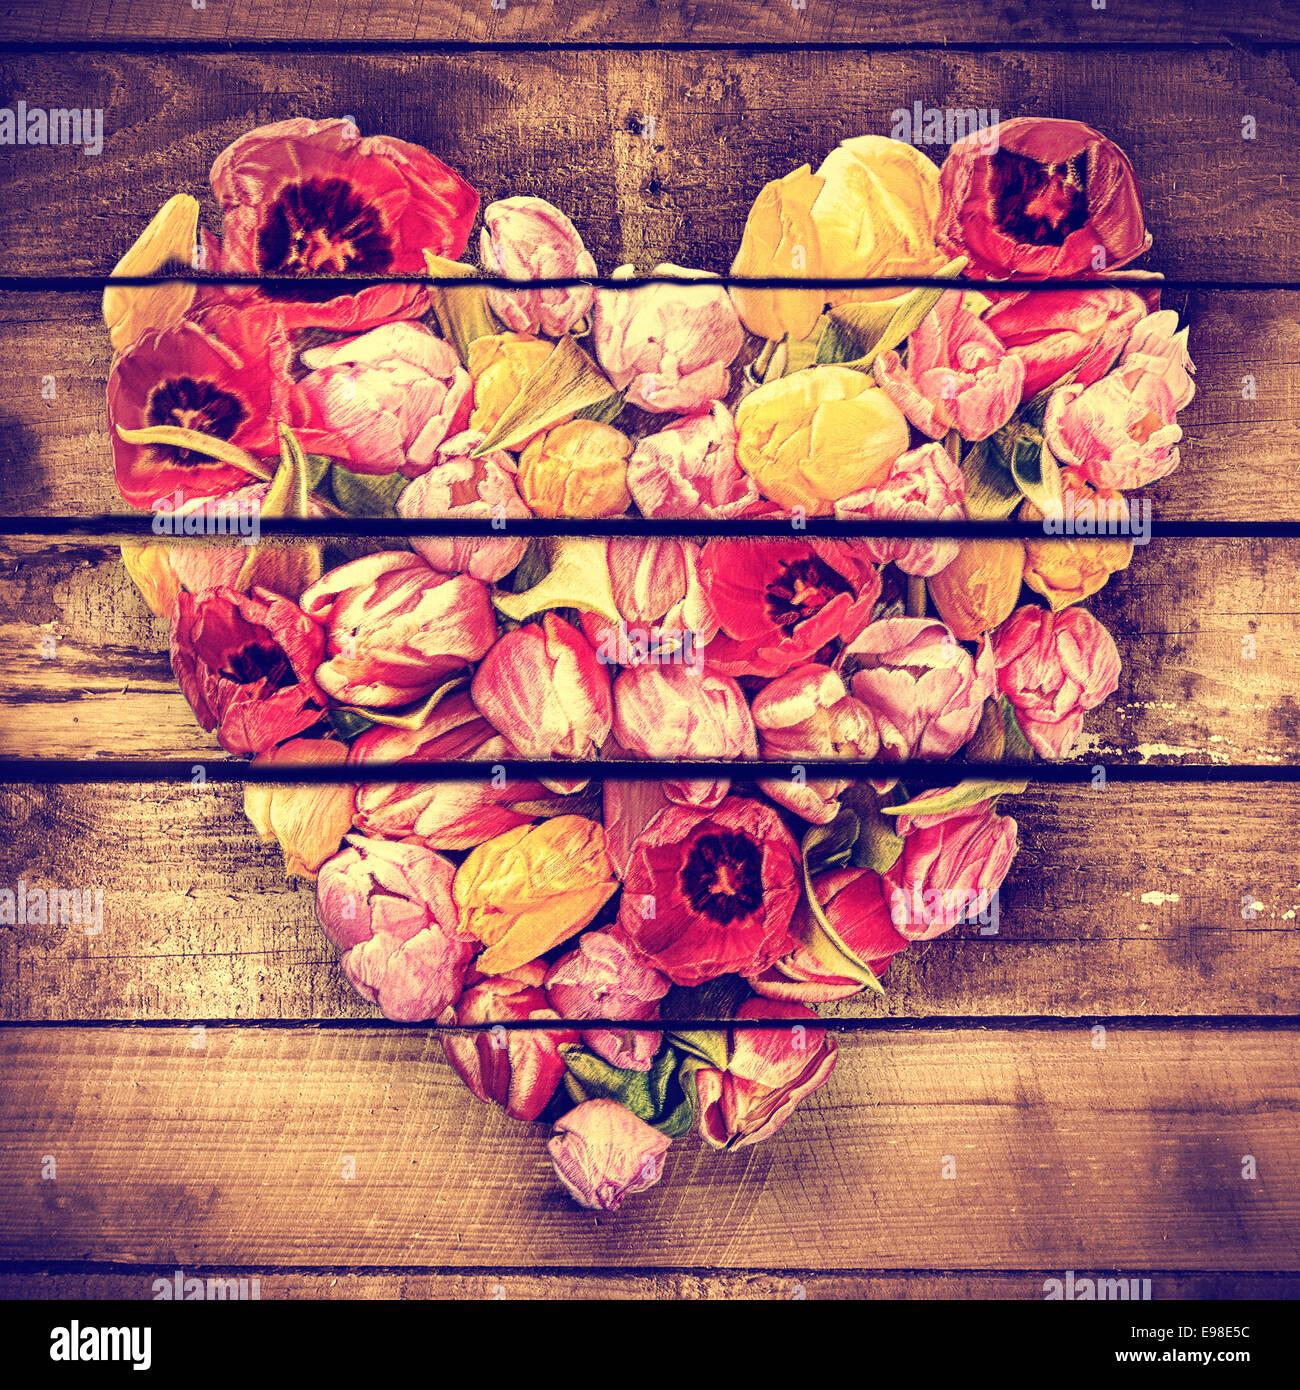 De coeur vintage artistique formé de tulipes au printemps colorés sur panneaux en bois rustique pour un cadeau unique Banque D'Images